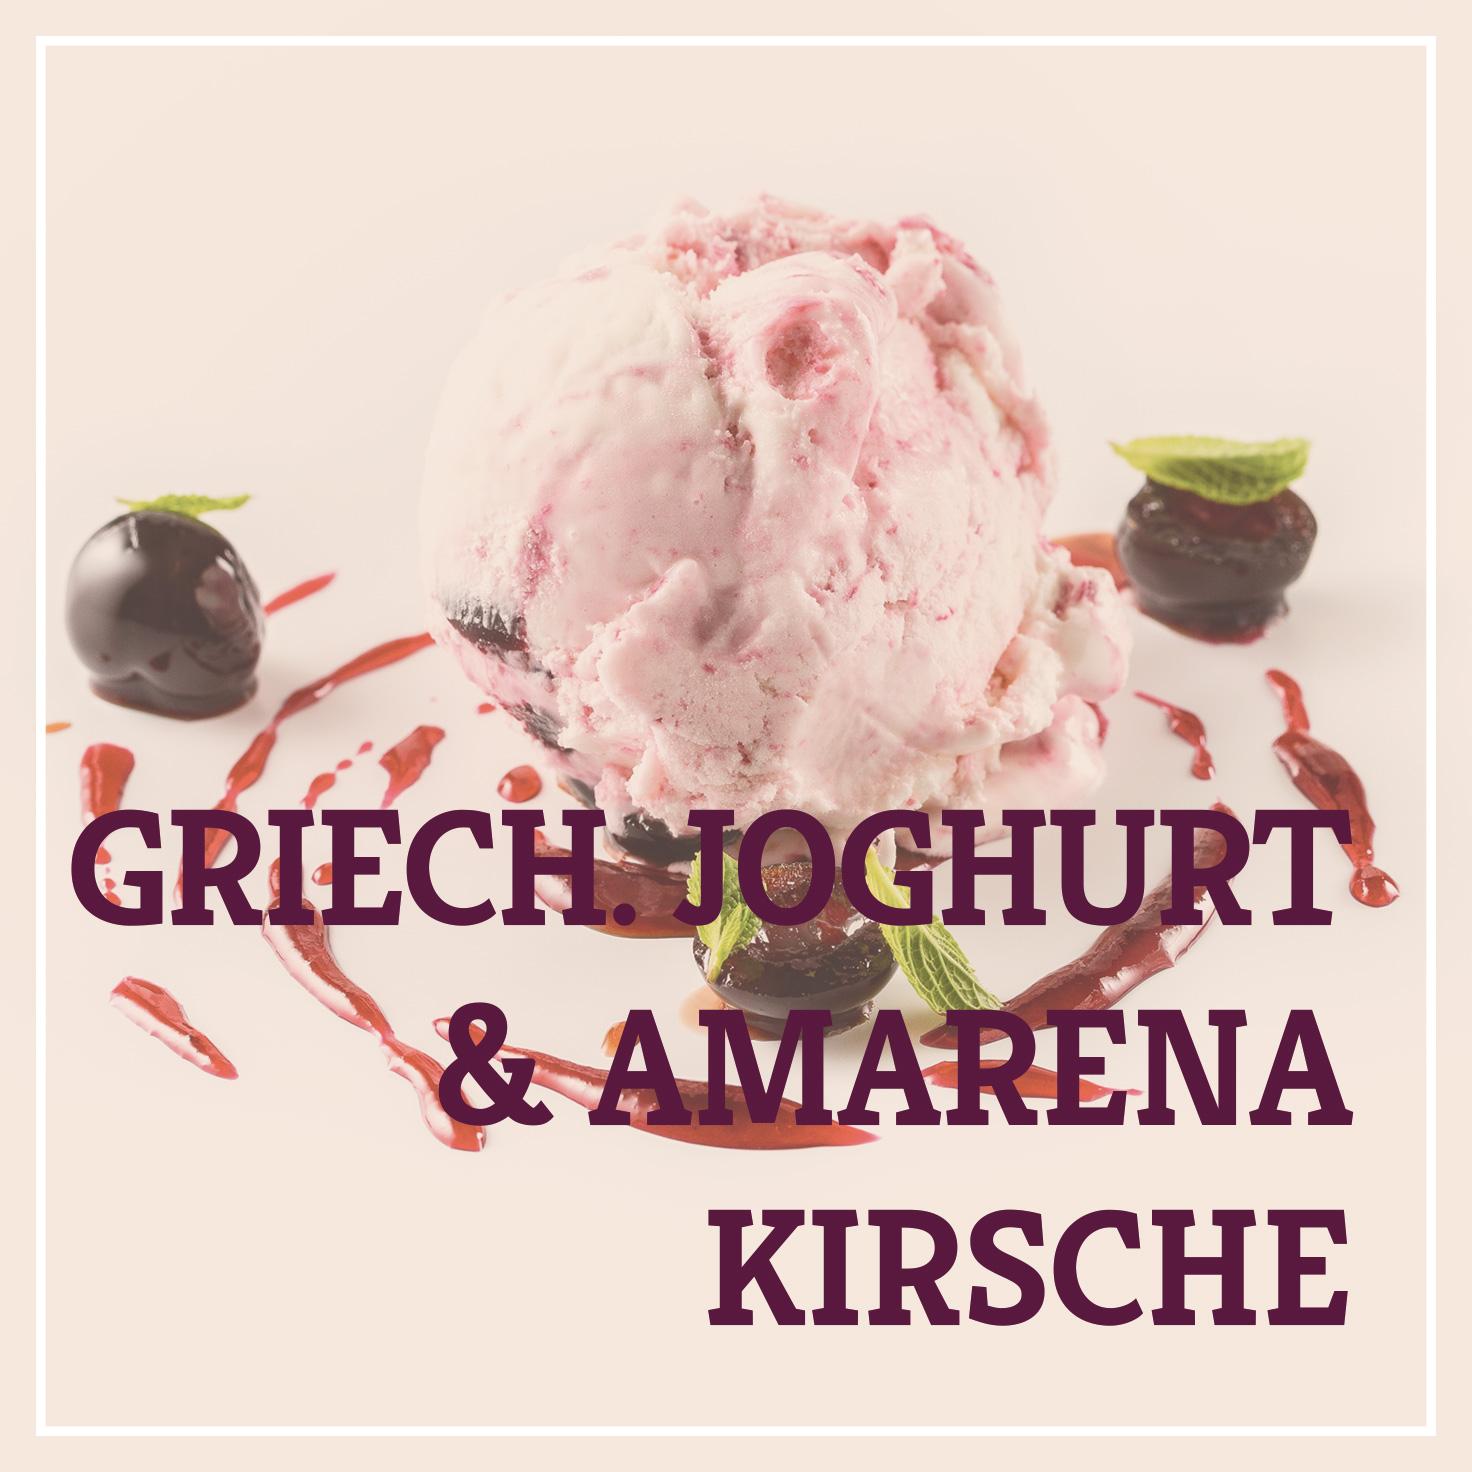 Heiss & Süß - Griechisches Joghurt & Amarenakirsche